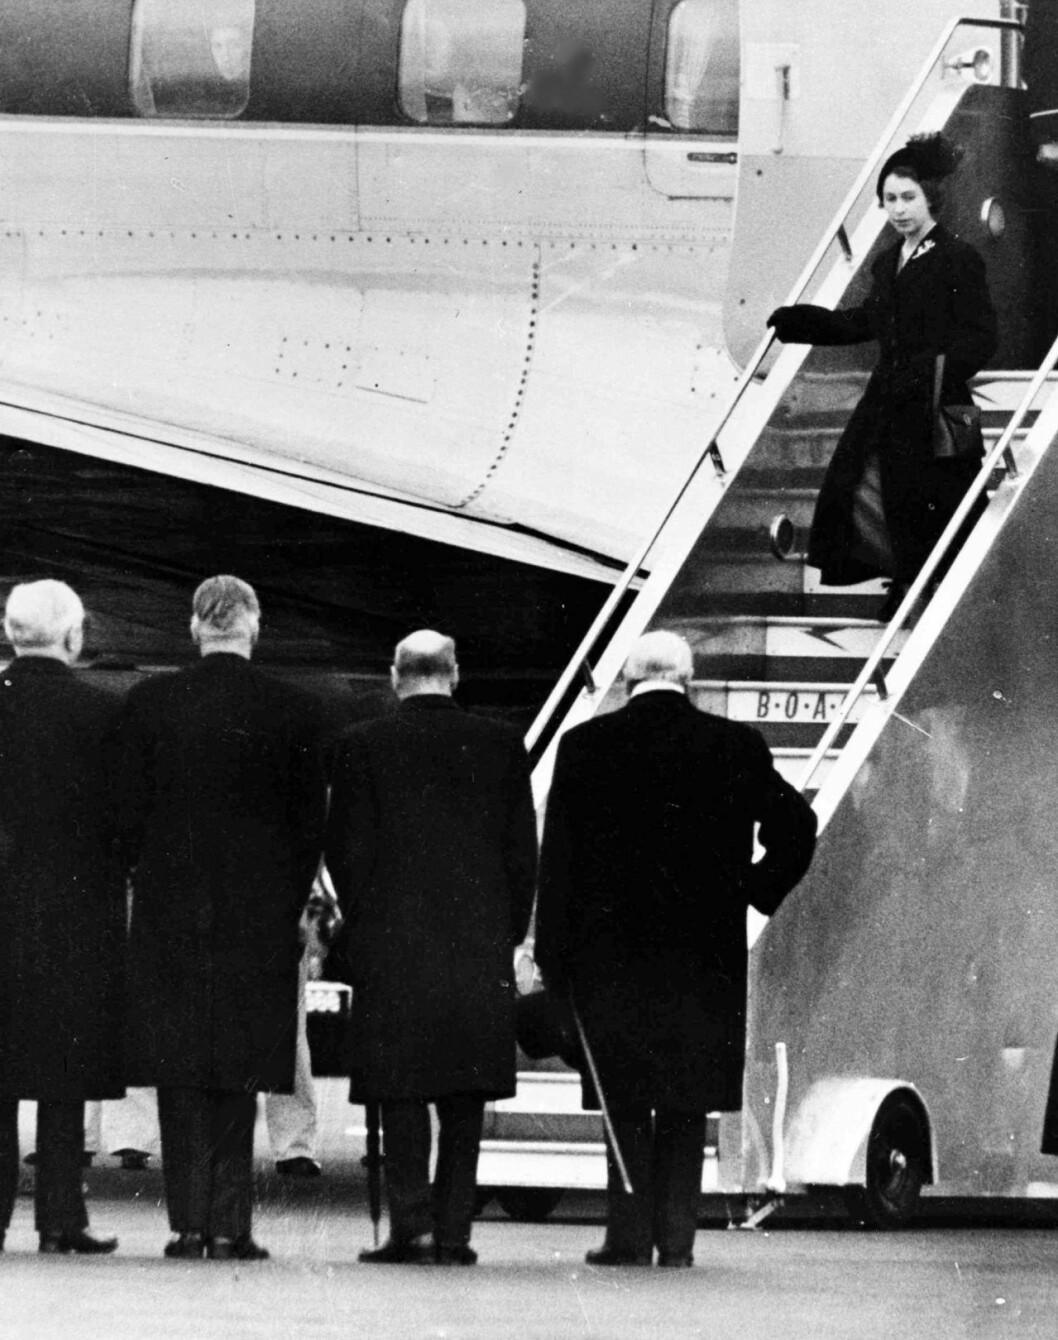 Drottning Elizabeth kliver av planet från Kenya. På flygplatsen väntade premiärminister Winston Churchill, längst till höger i förgrunden.